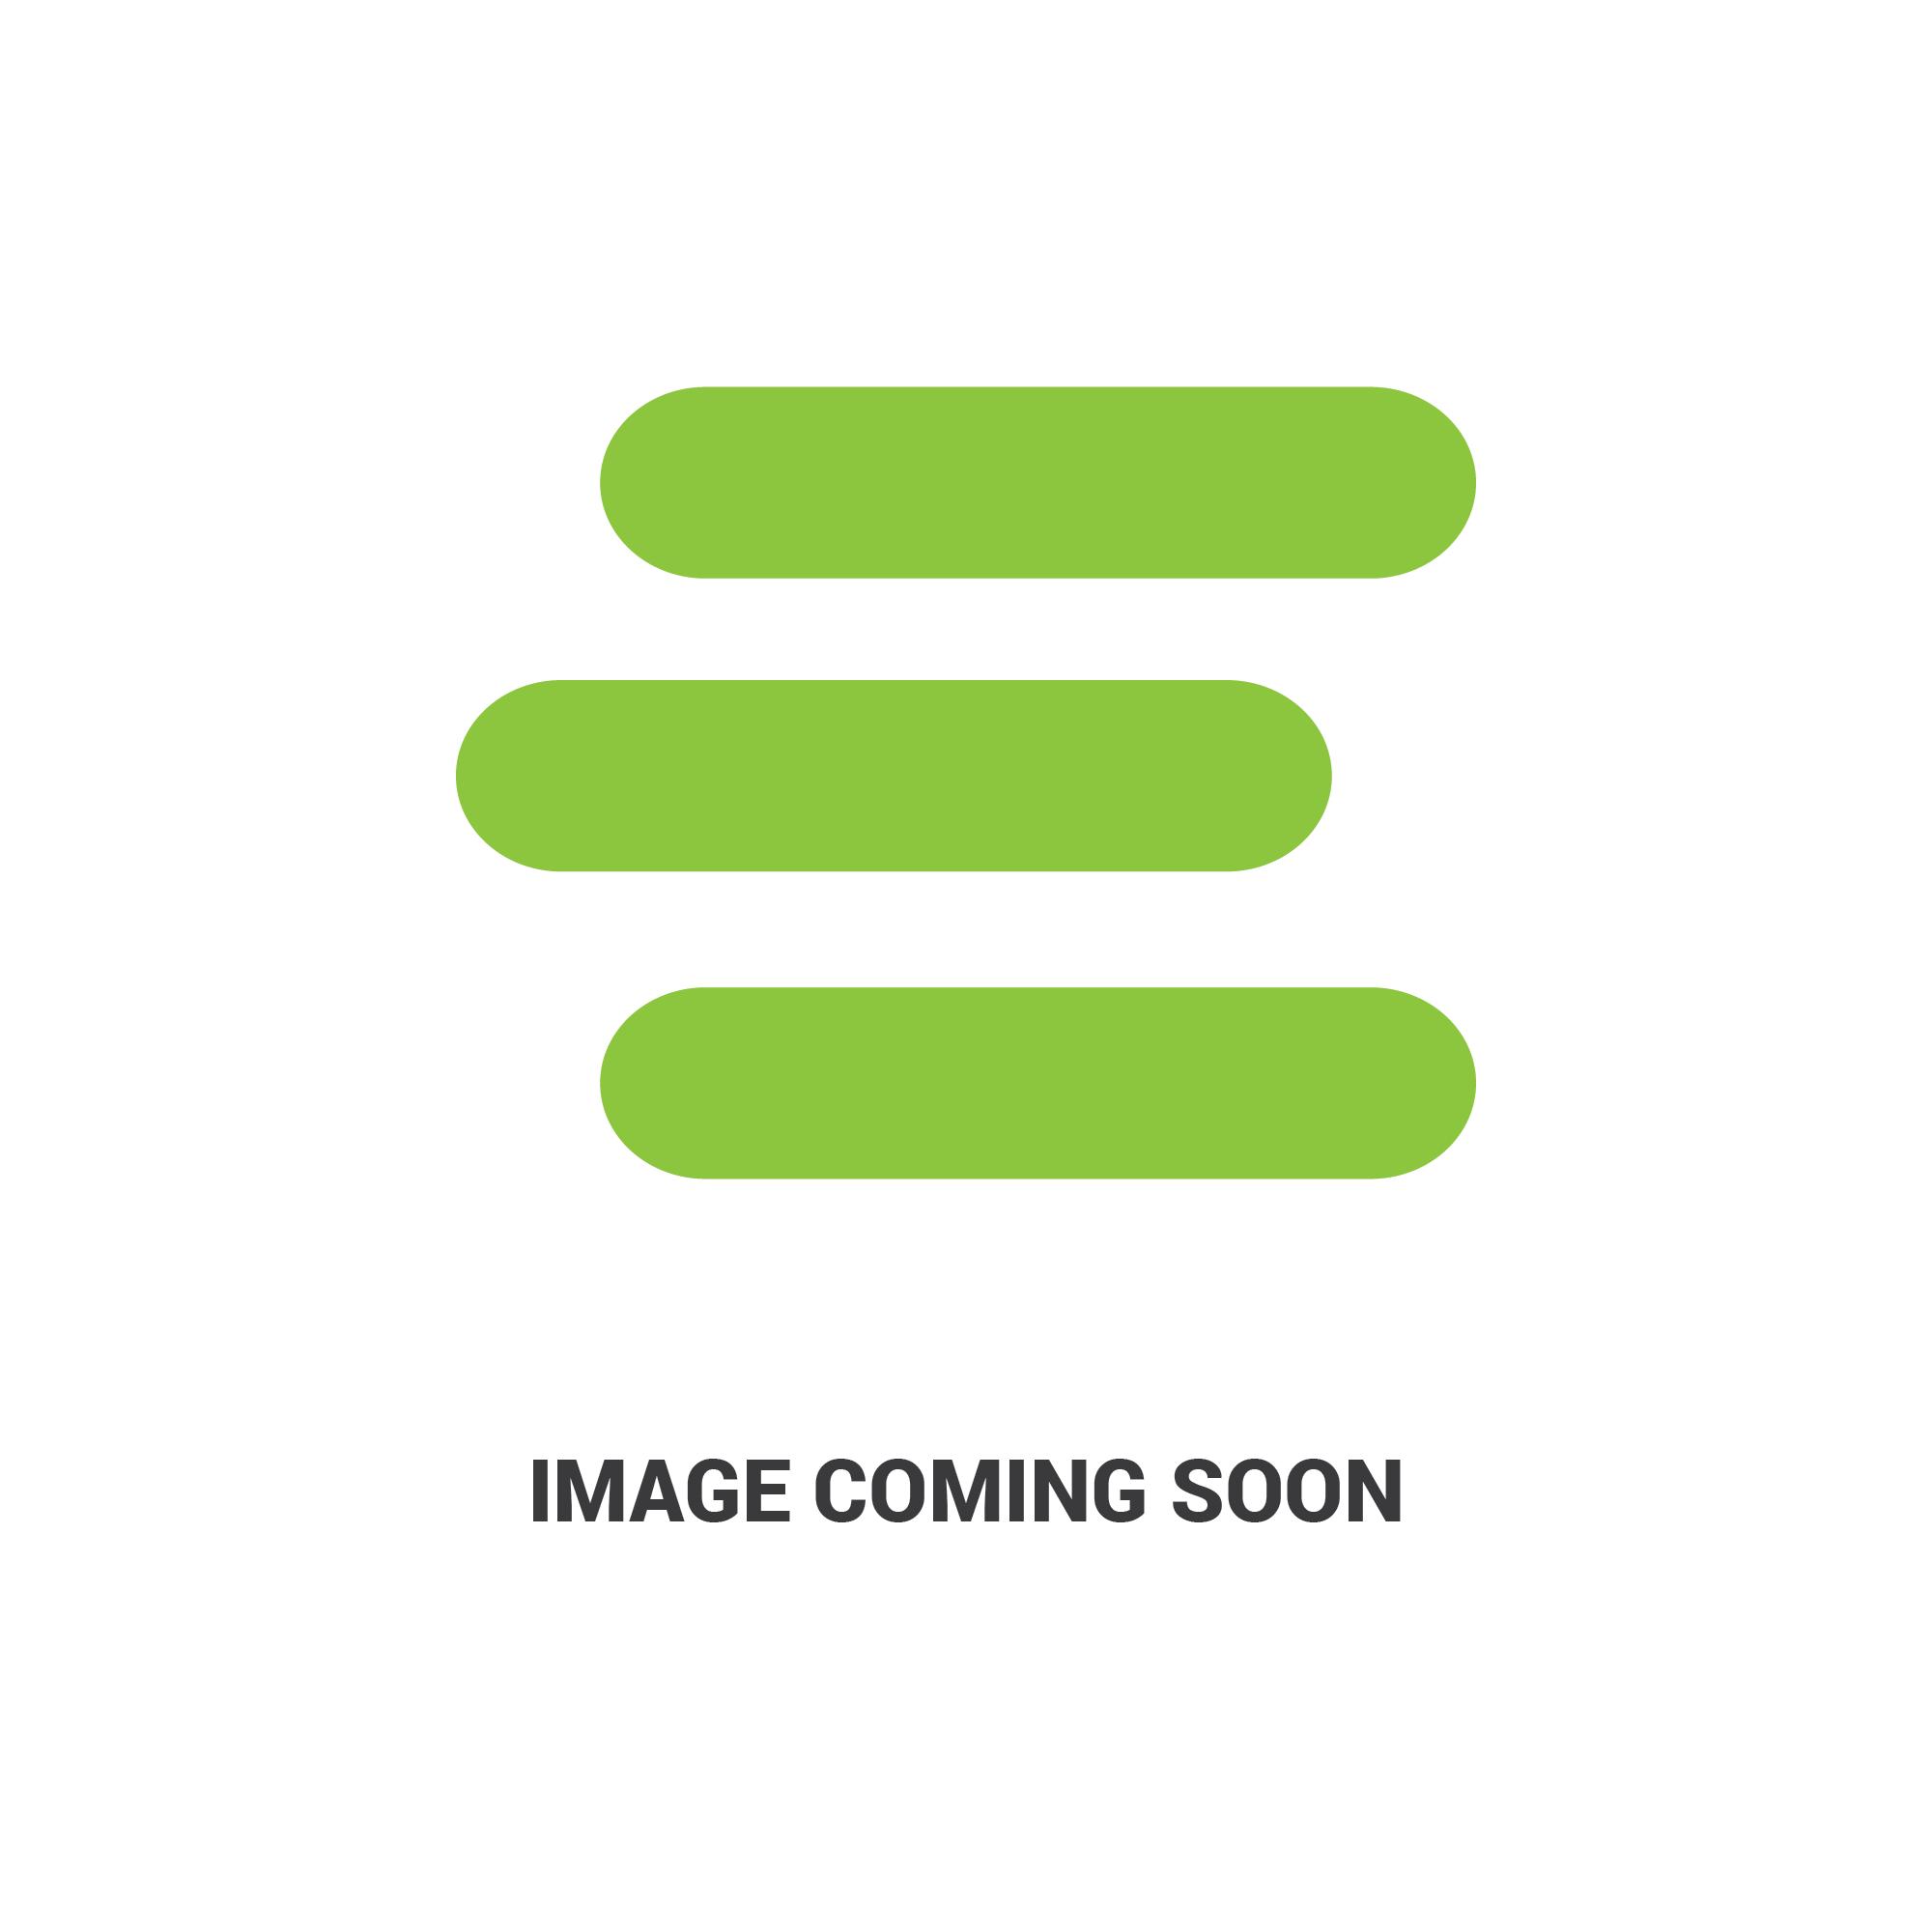 E-AL64340ag1001681.1.jpg